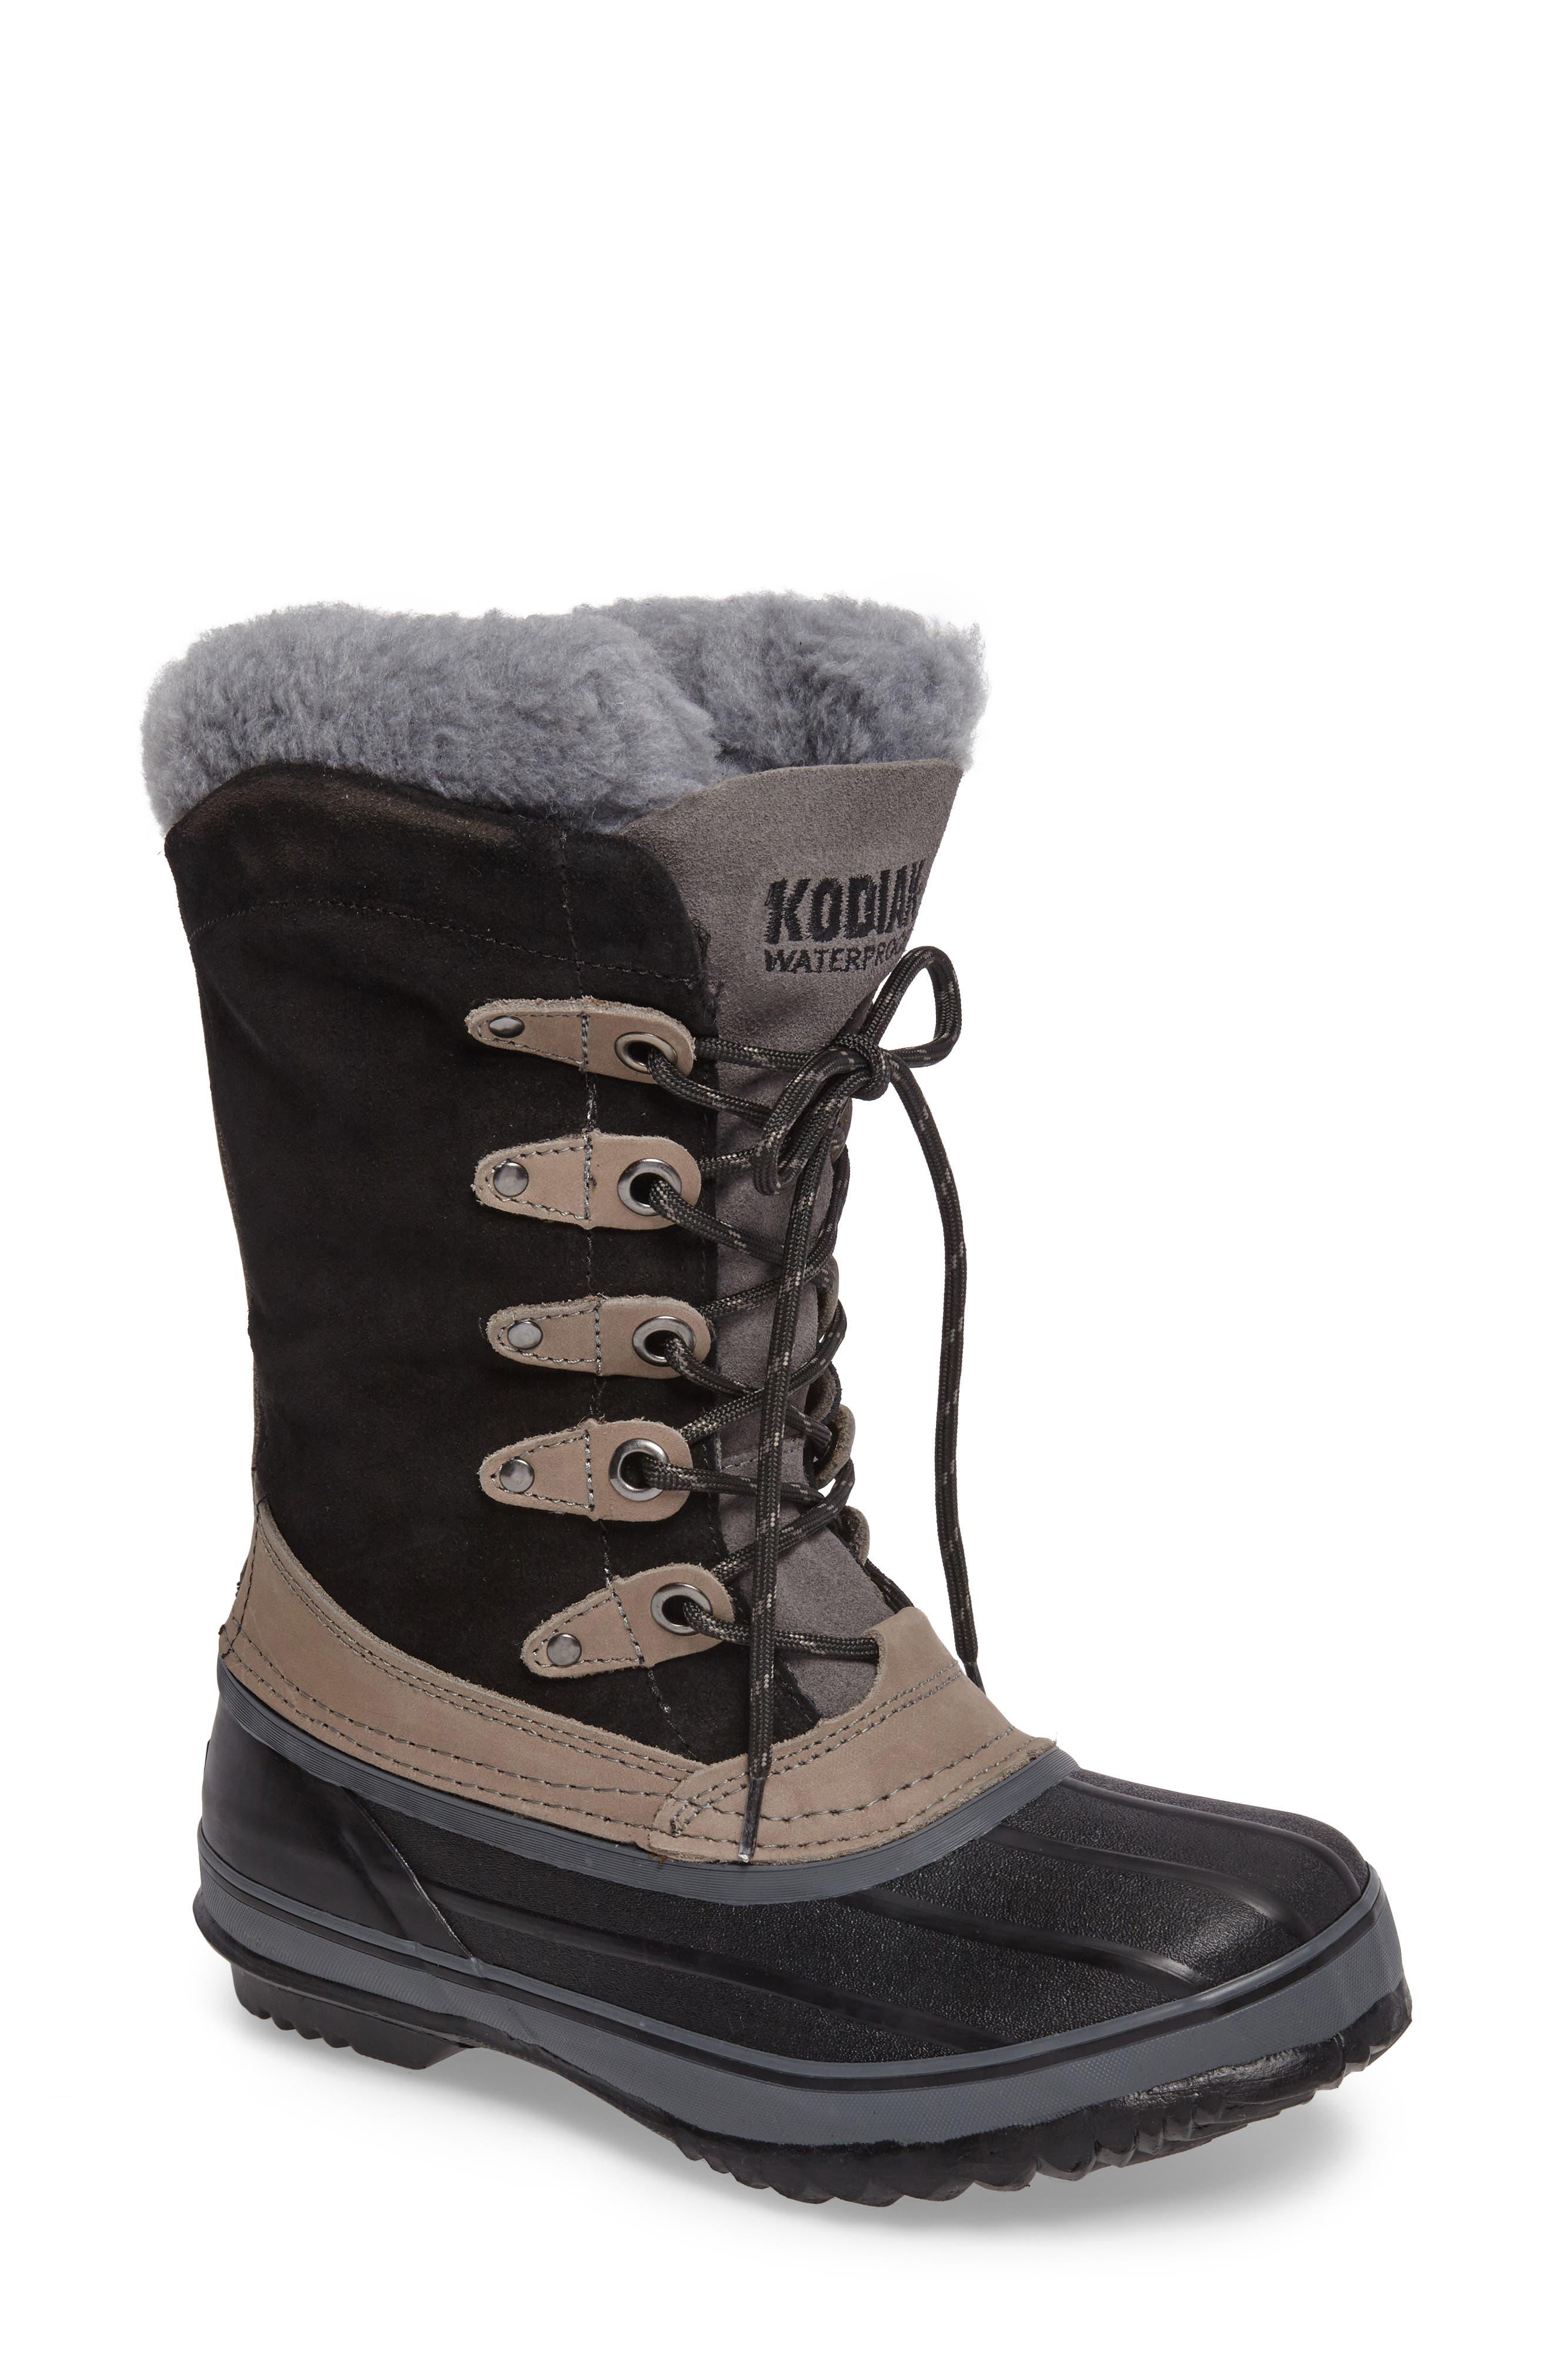 Kyra Waterproof Boot,                             Main thumbnail 1, color,                             001